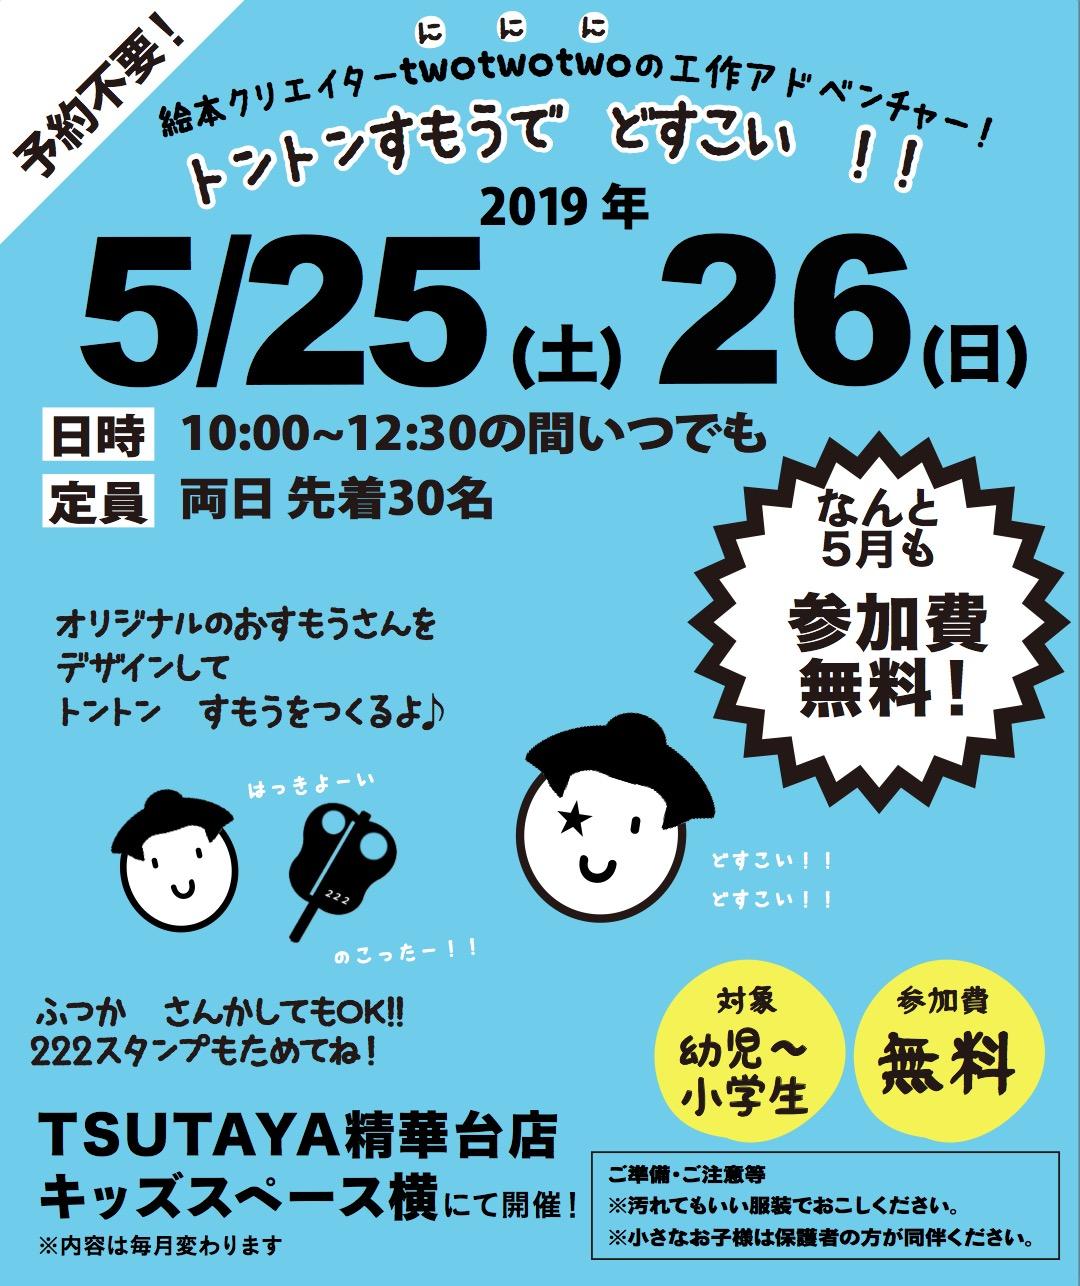 2019年、イベント、京都府、精華町、5月、参加型イベント、体験、twotwotwo、トントンすもうで、どすこい!!。